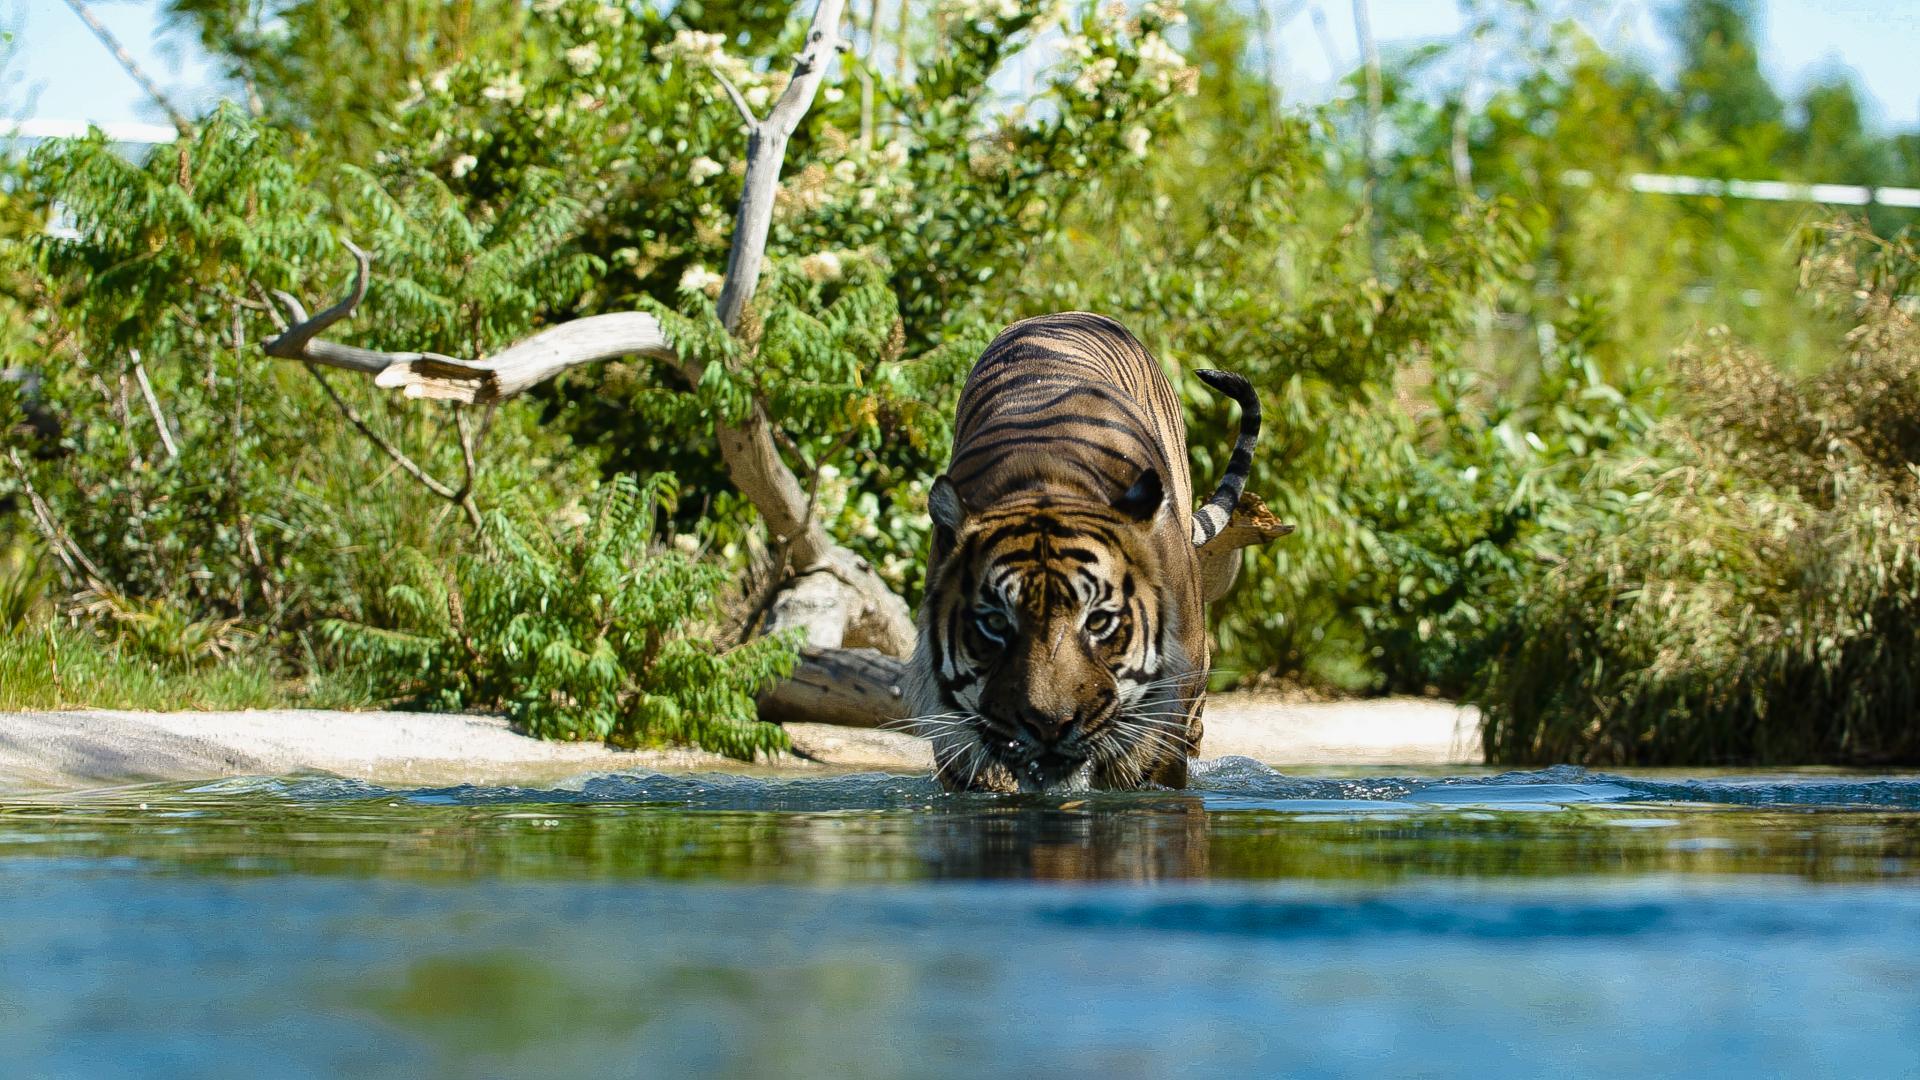 Zlf Nouveauté 2019 Tigres Sumatra 2 180719 01